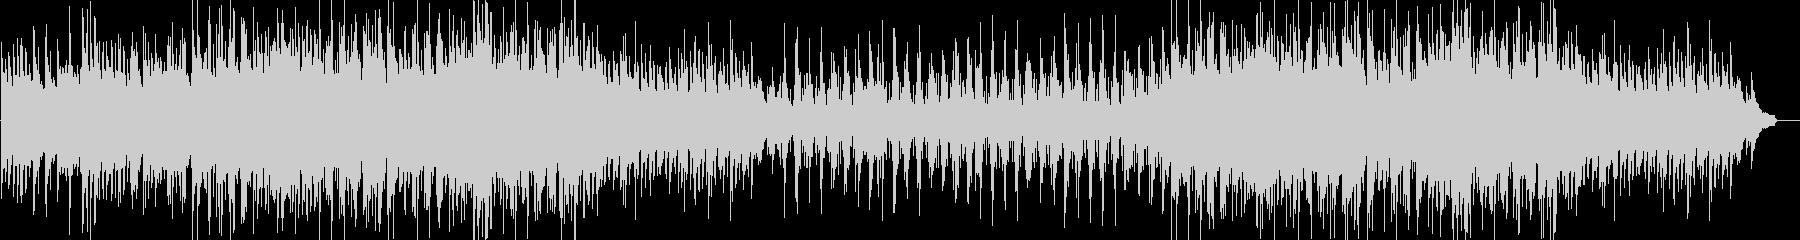 北欧系の壮大な五拍子ジャズ(ソロなし版)の未再生の波形